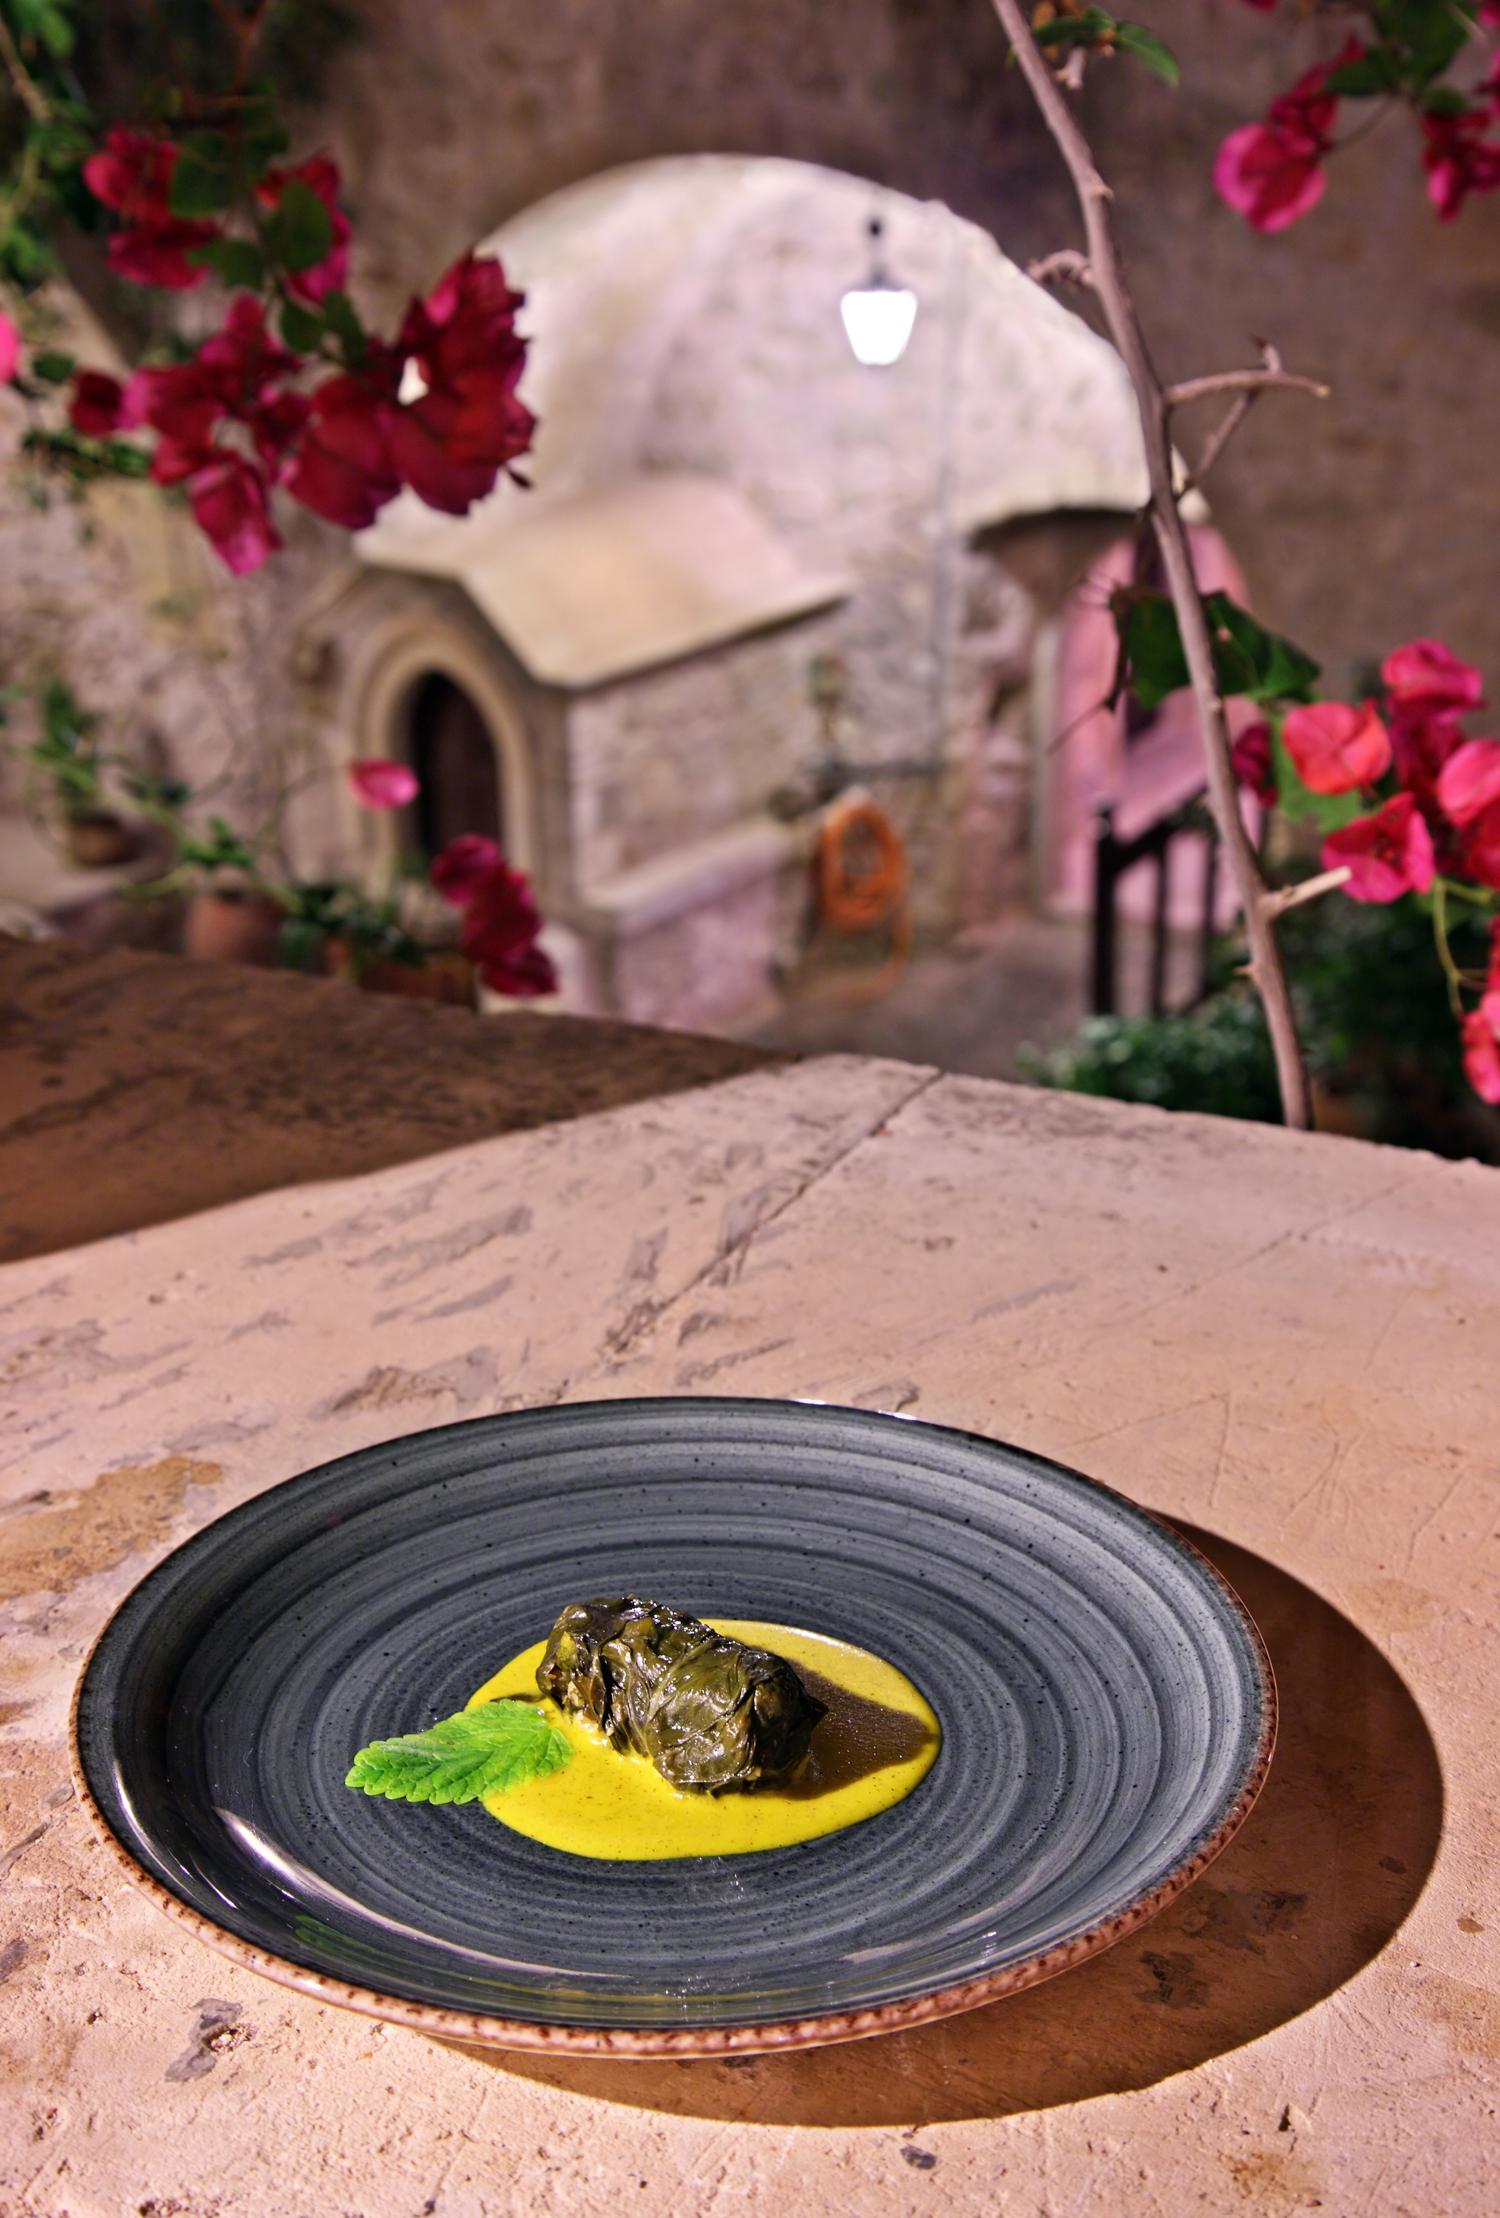 Ντολμάς σφυρίδας τυλιγμένος σε αγιοσέσκουλο, με σάλτσα μελισσόχορτου στον ταβά